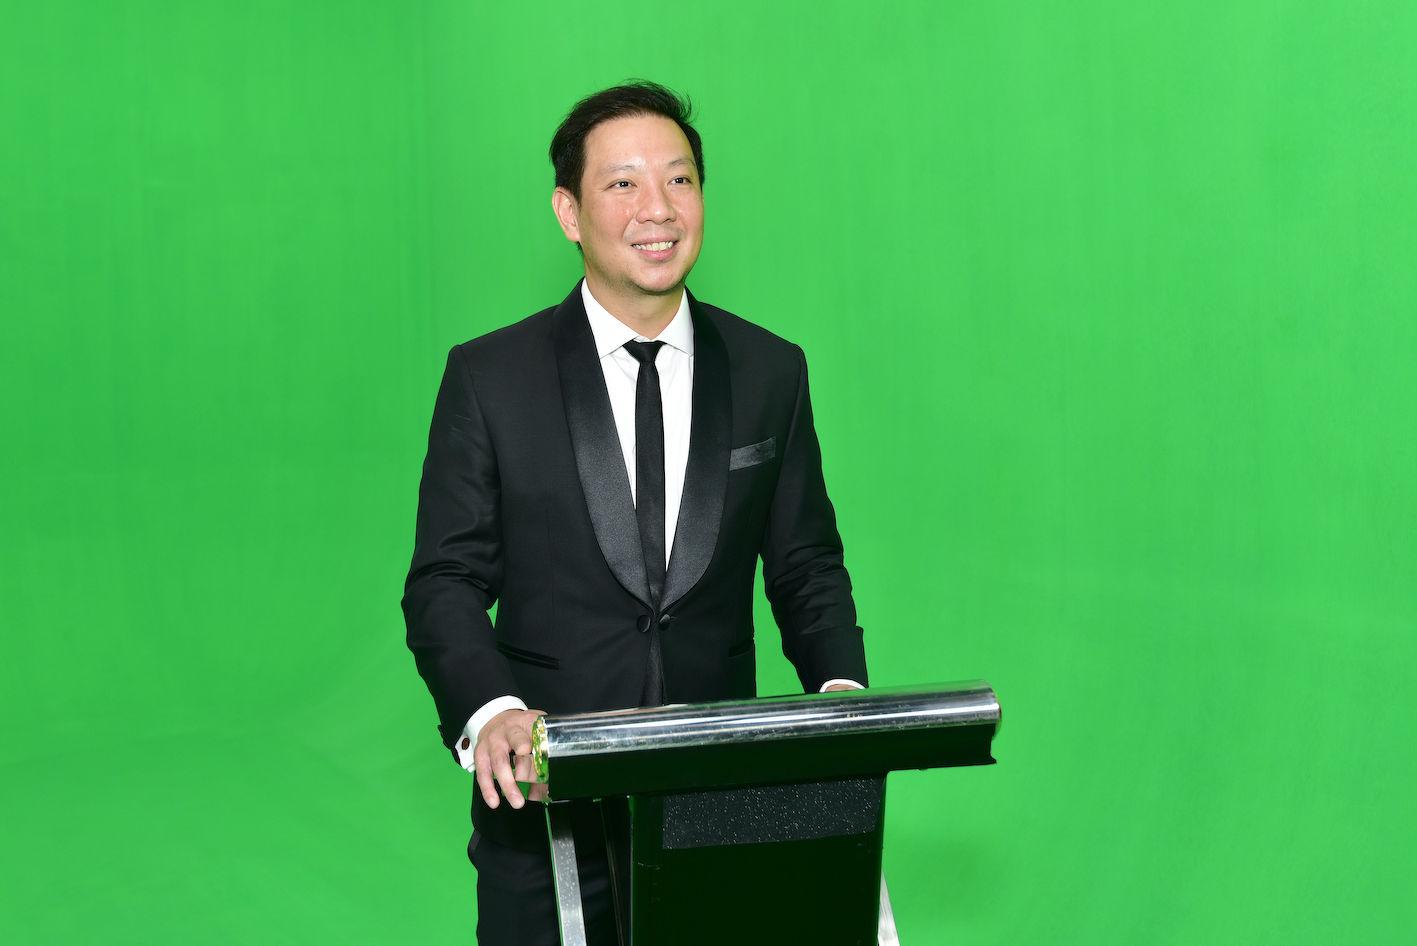 Bernard Tong - EDGEPROP SINGAPORE